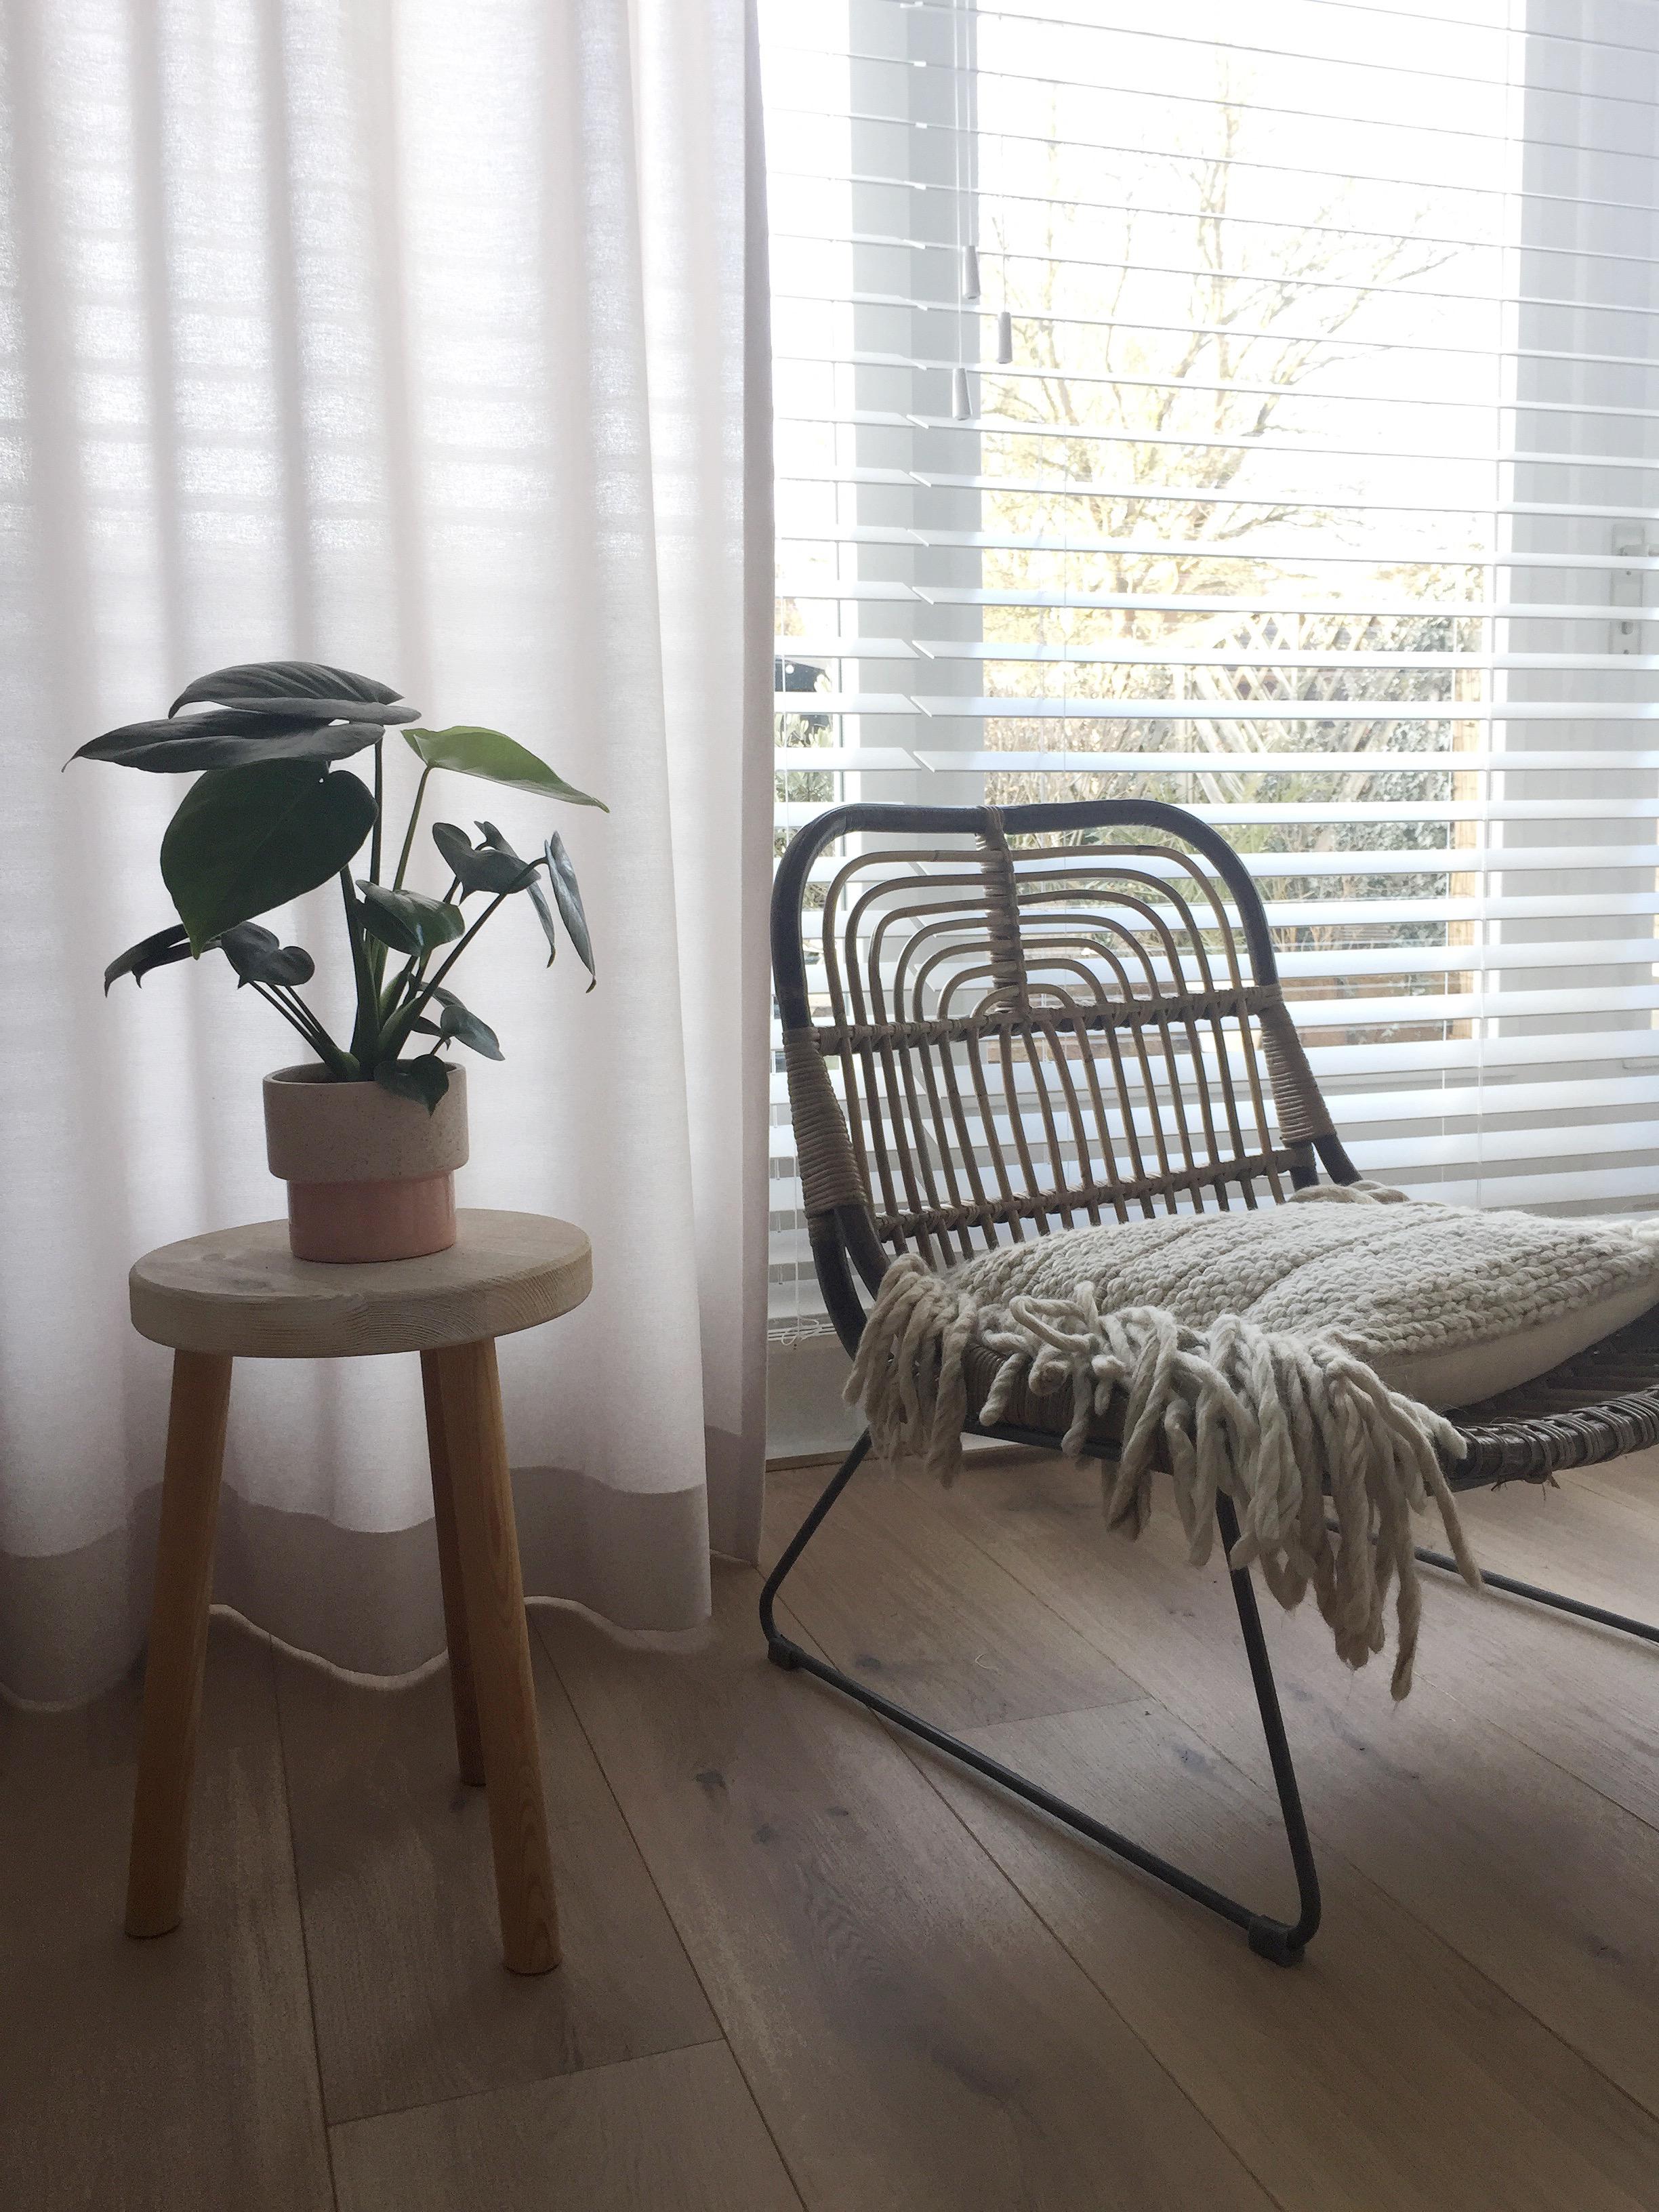 selinesteba.com - Inside blinds 2.JPG